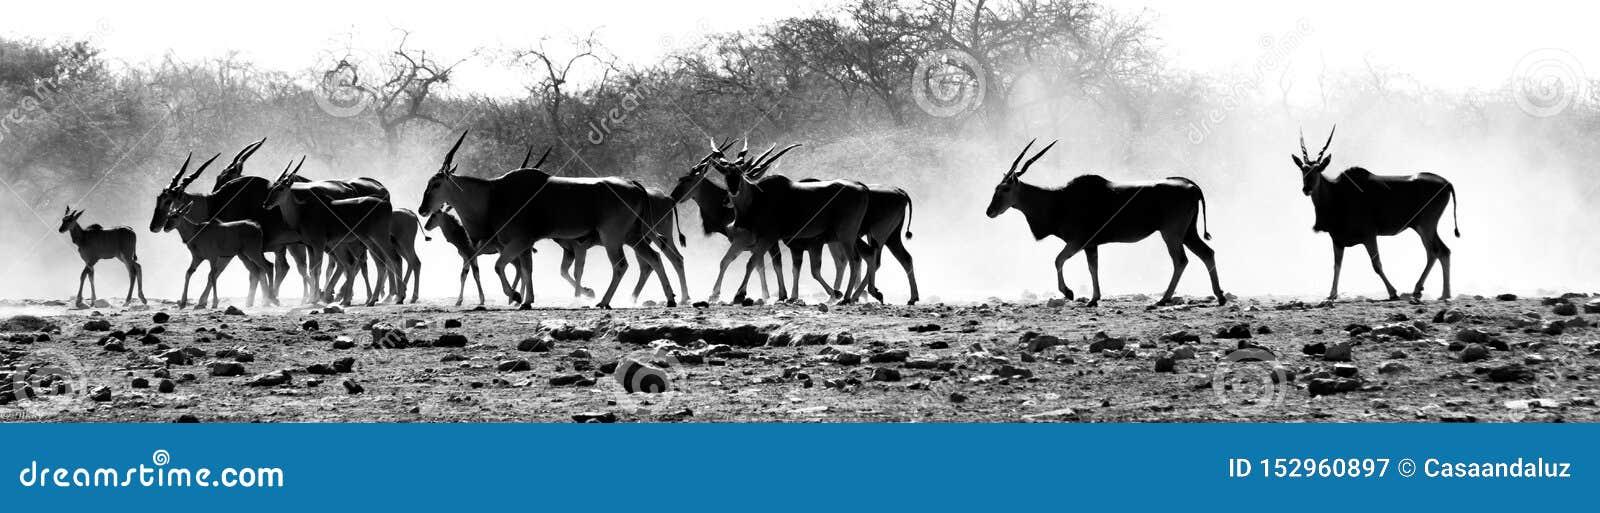 Una manada de antílopes en el desierto africano